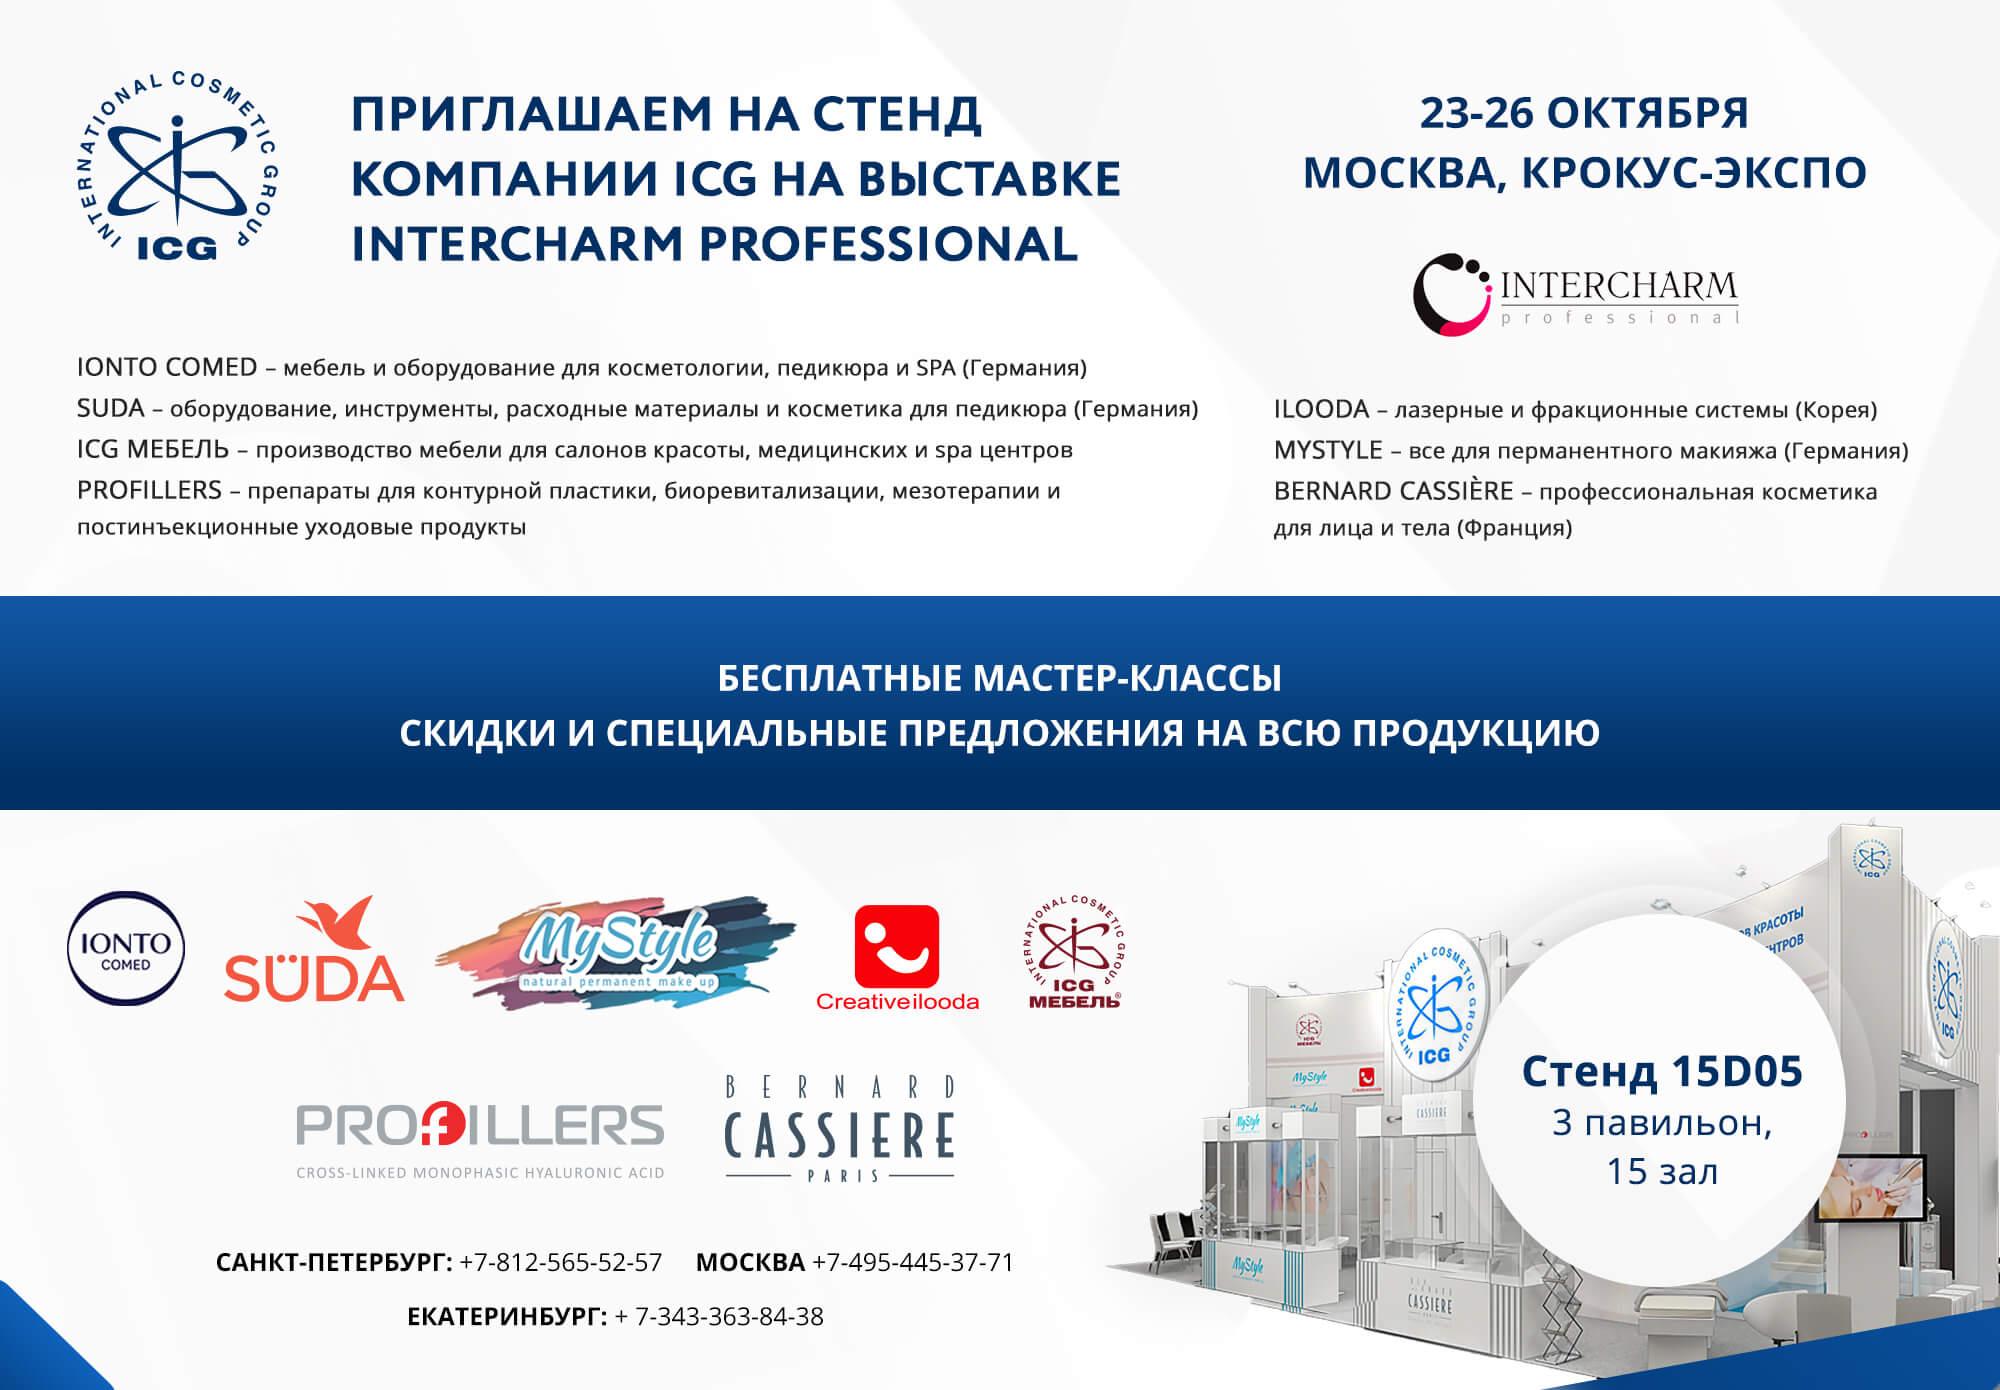 международная выставка индустрии красоты InterCHARM